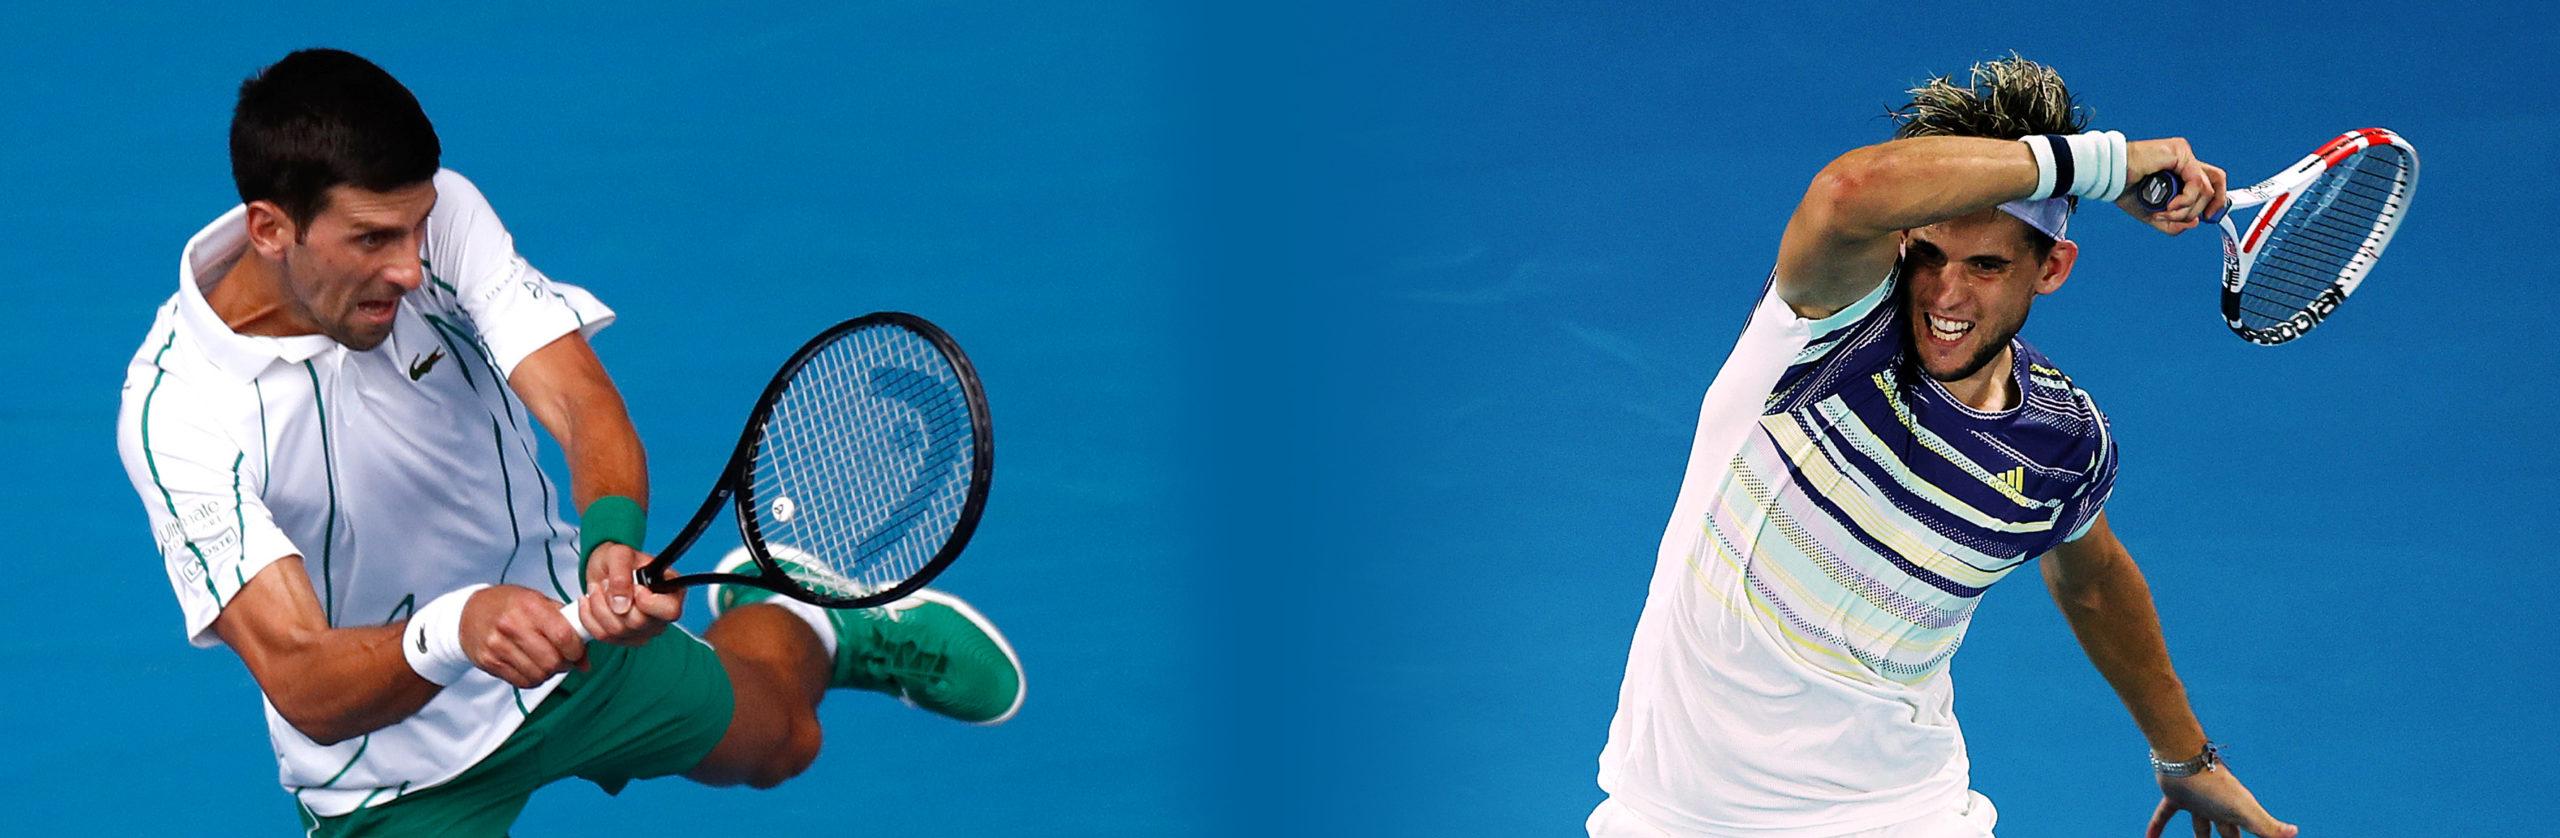 Australian Open, Djokovic-Thiem: pronostico e quote di una finale meno scontata di quanto si pensi